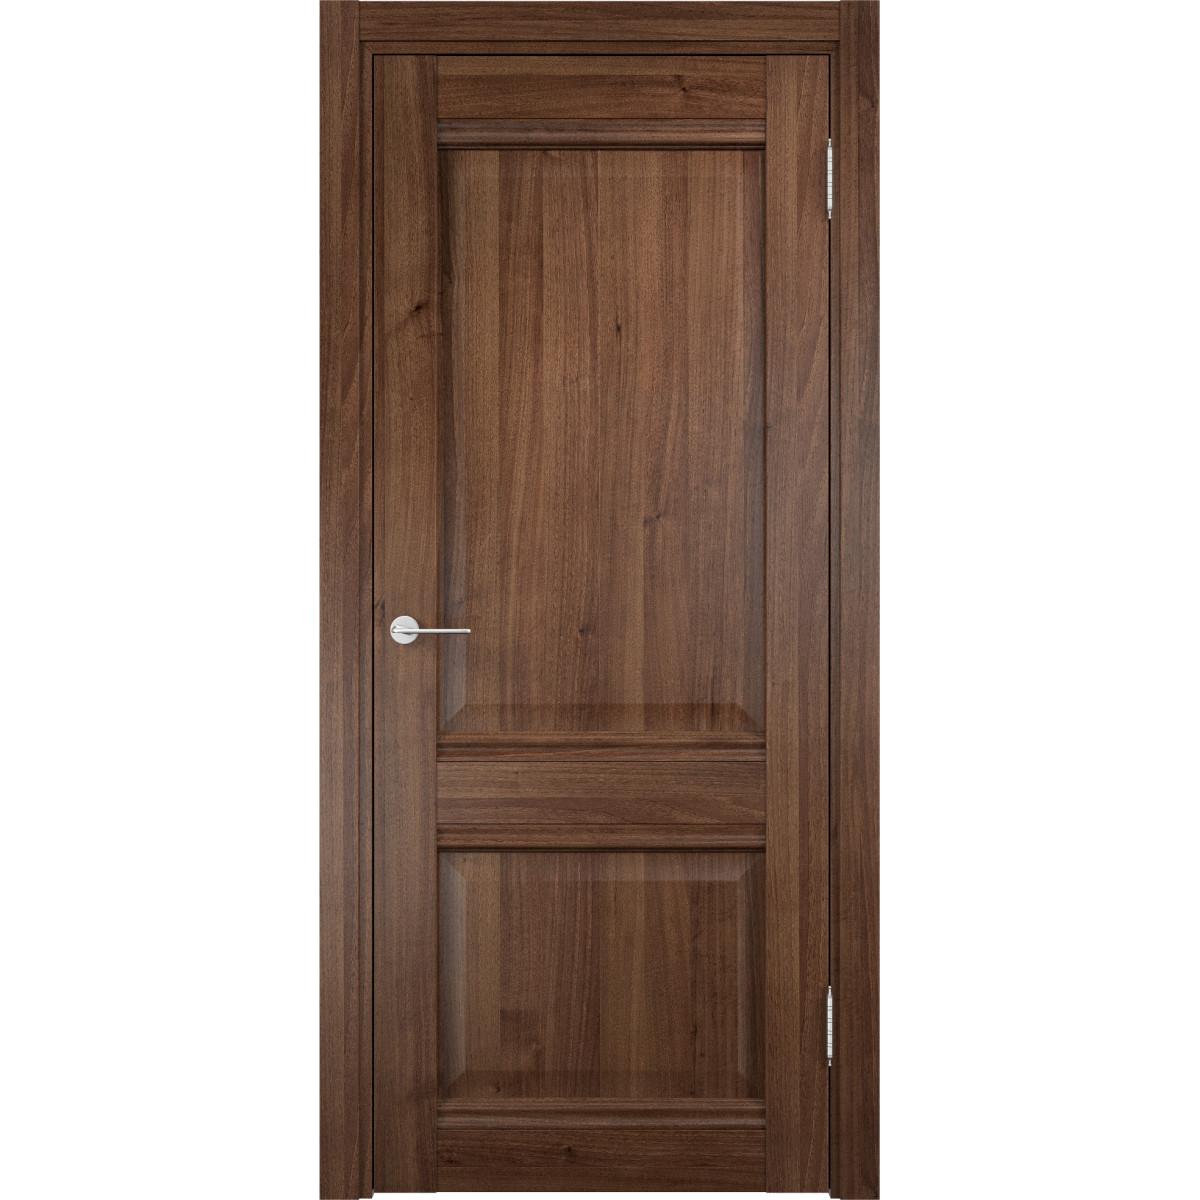 Дверное полотно Casaporte Милан МП_0174 2000х800х44 мм МДФ